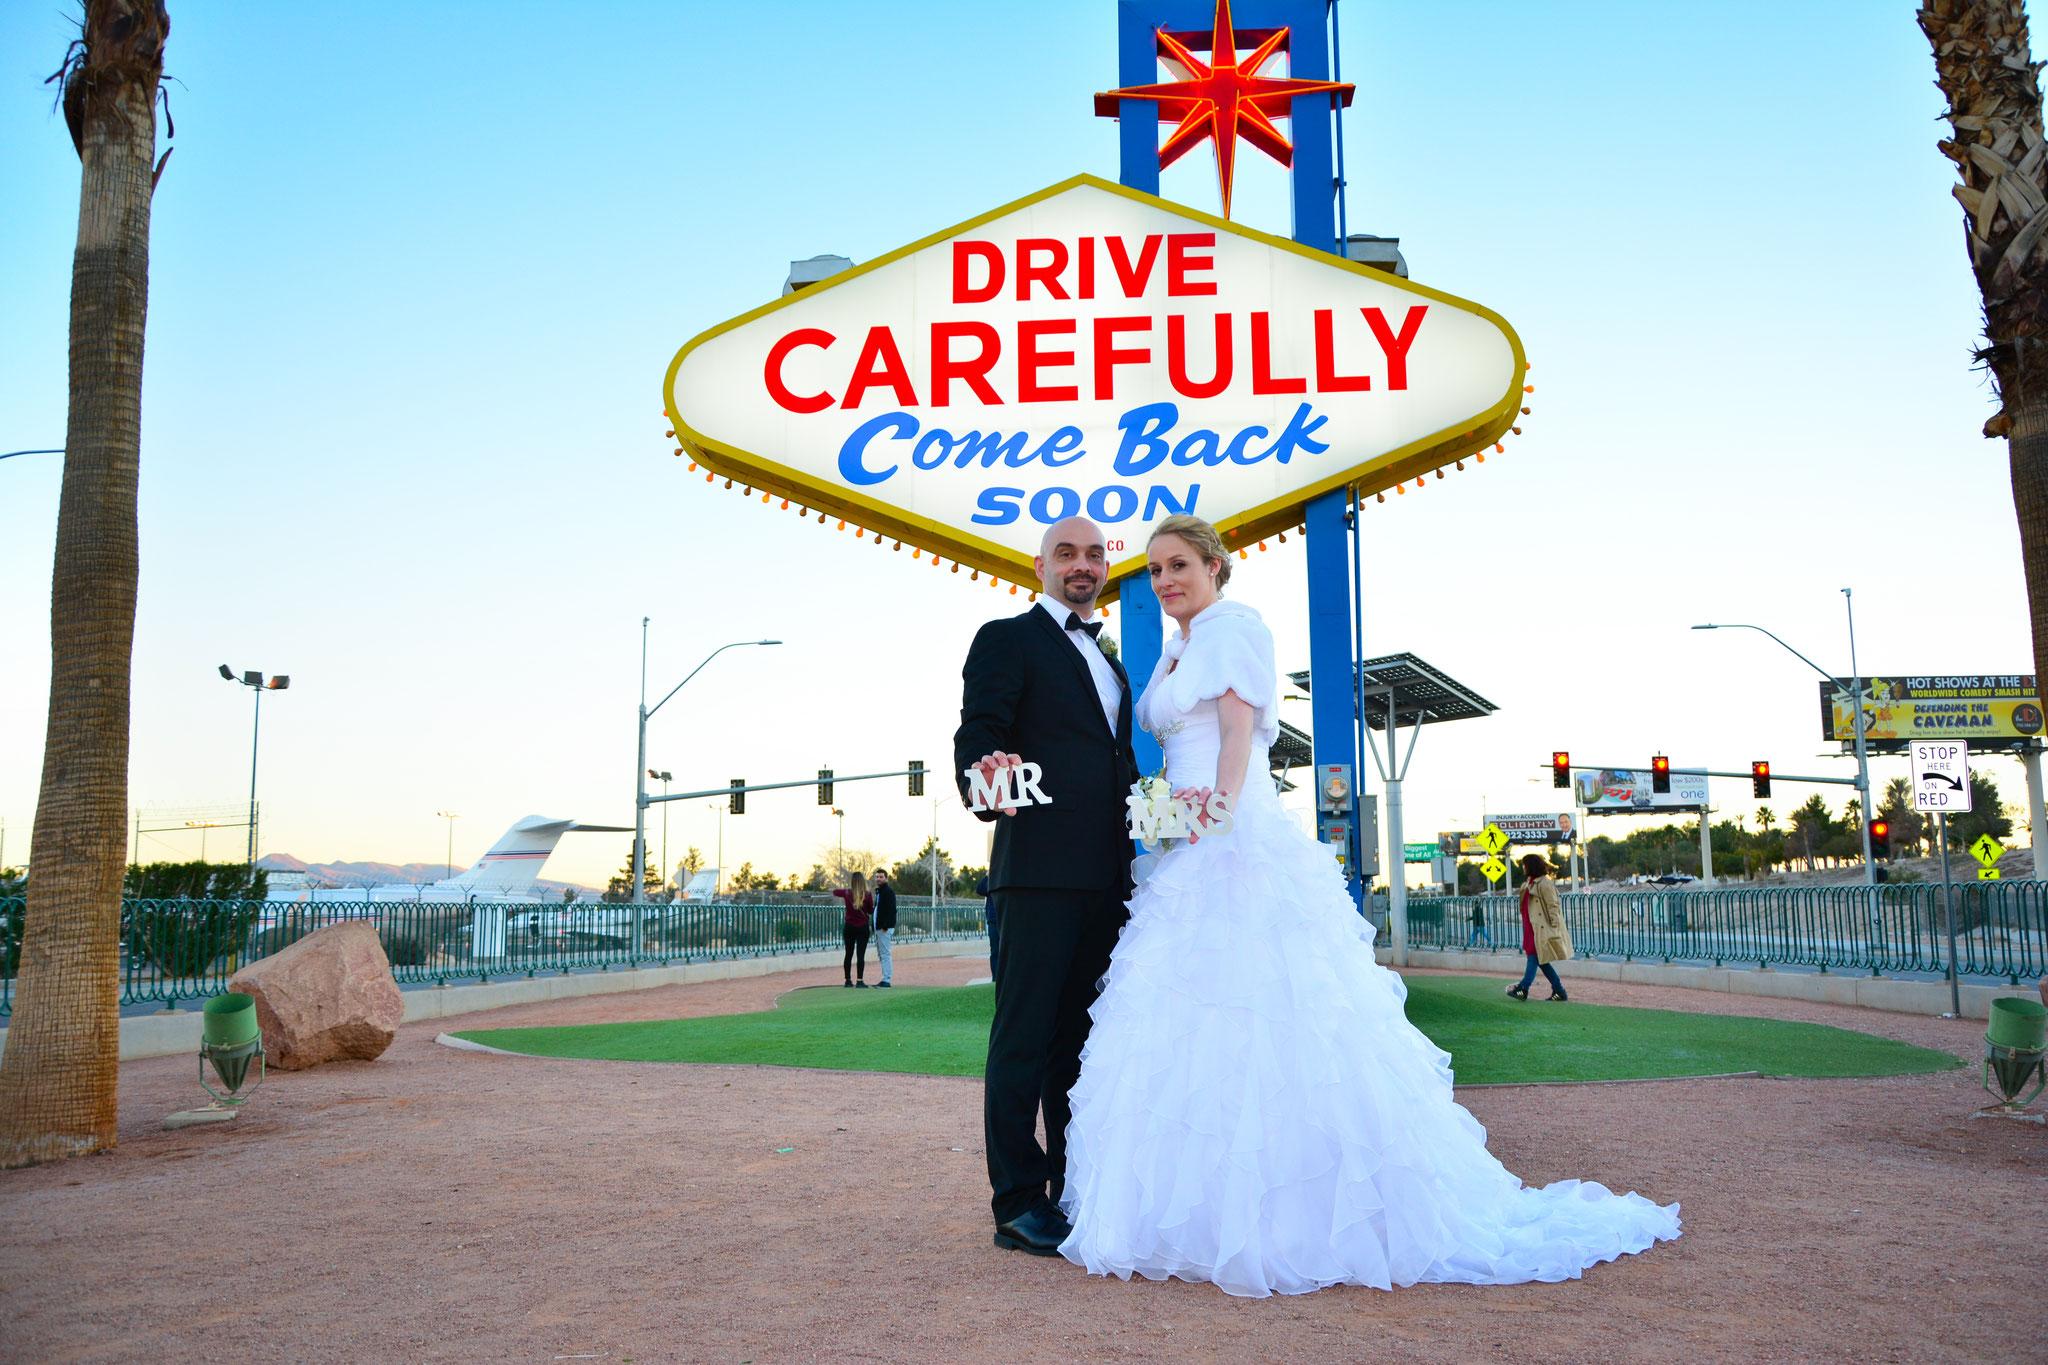 Hochzeitsbilder am berühmten Welcome to Las Vegas Sign